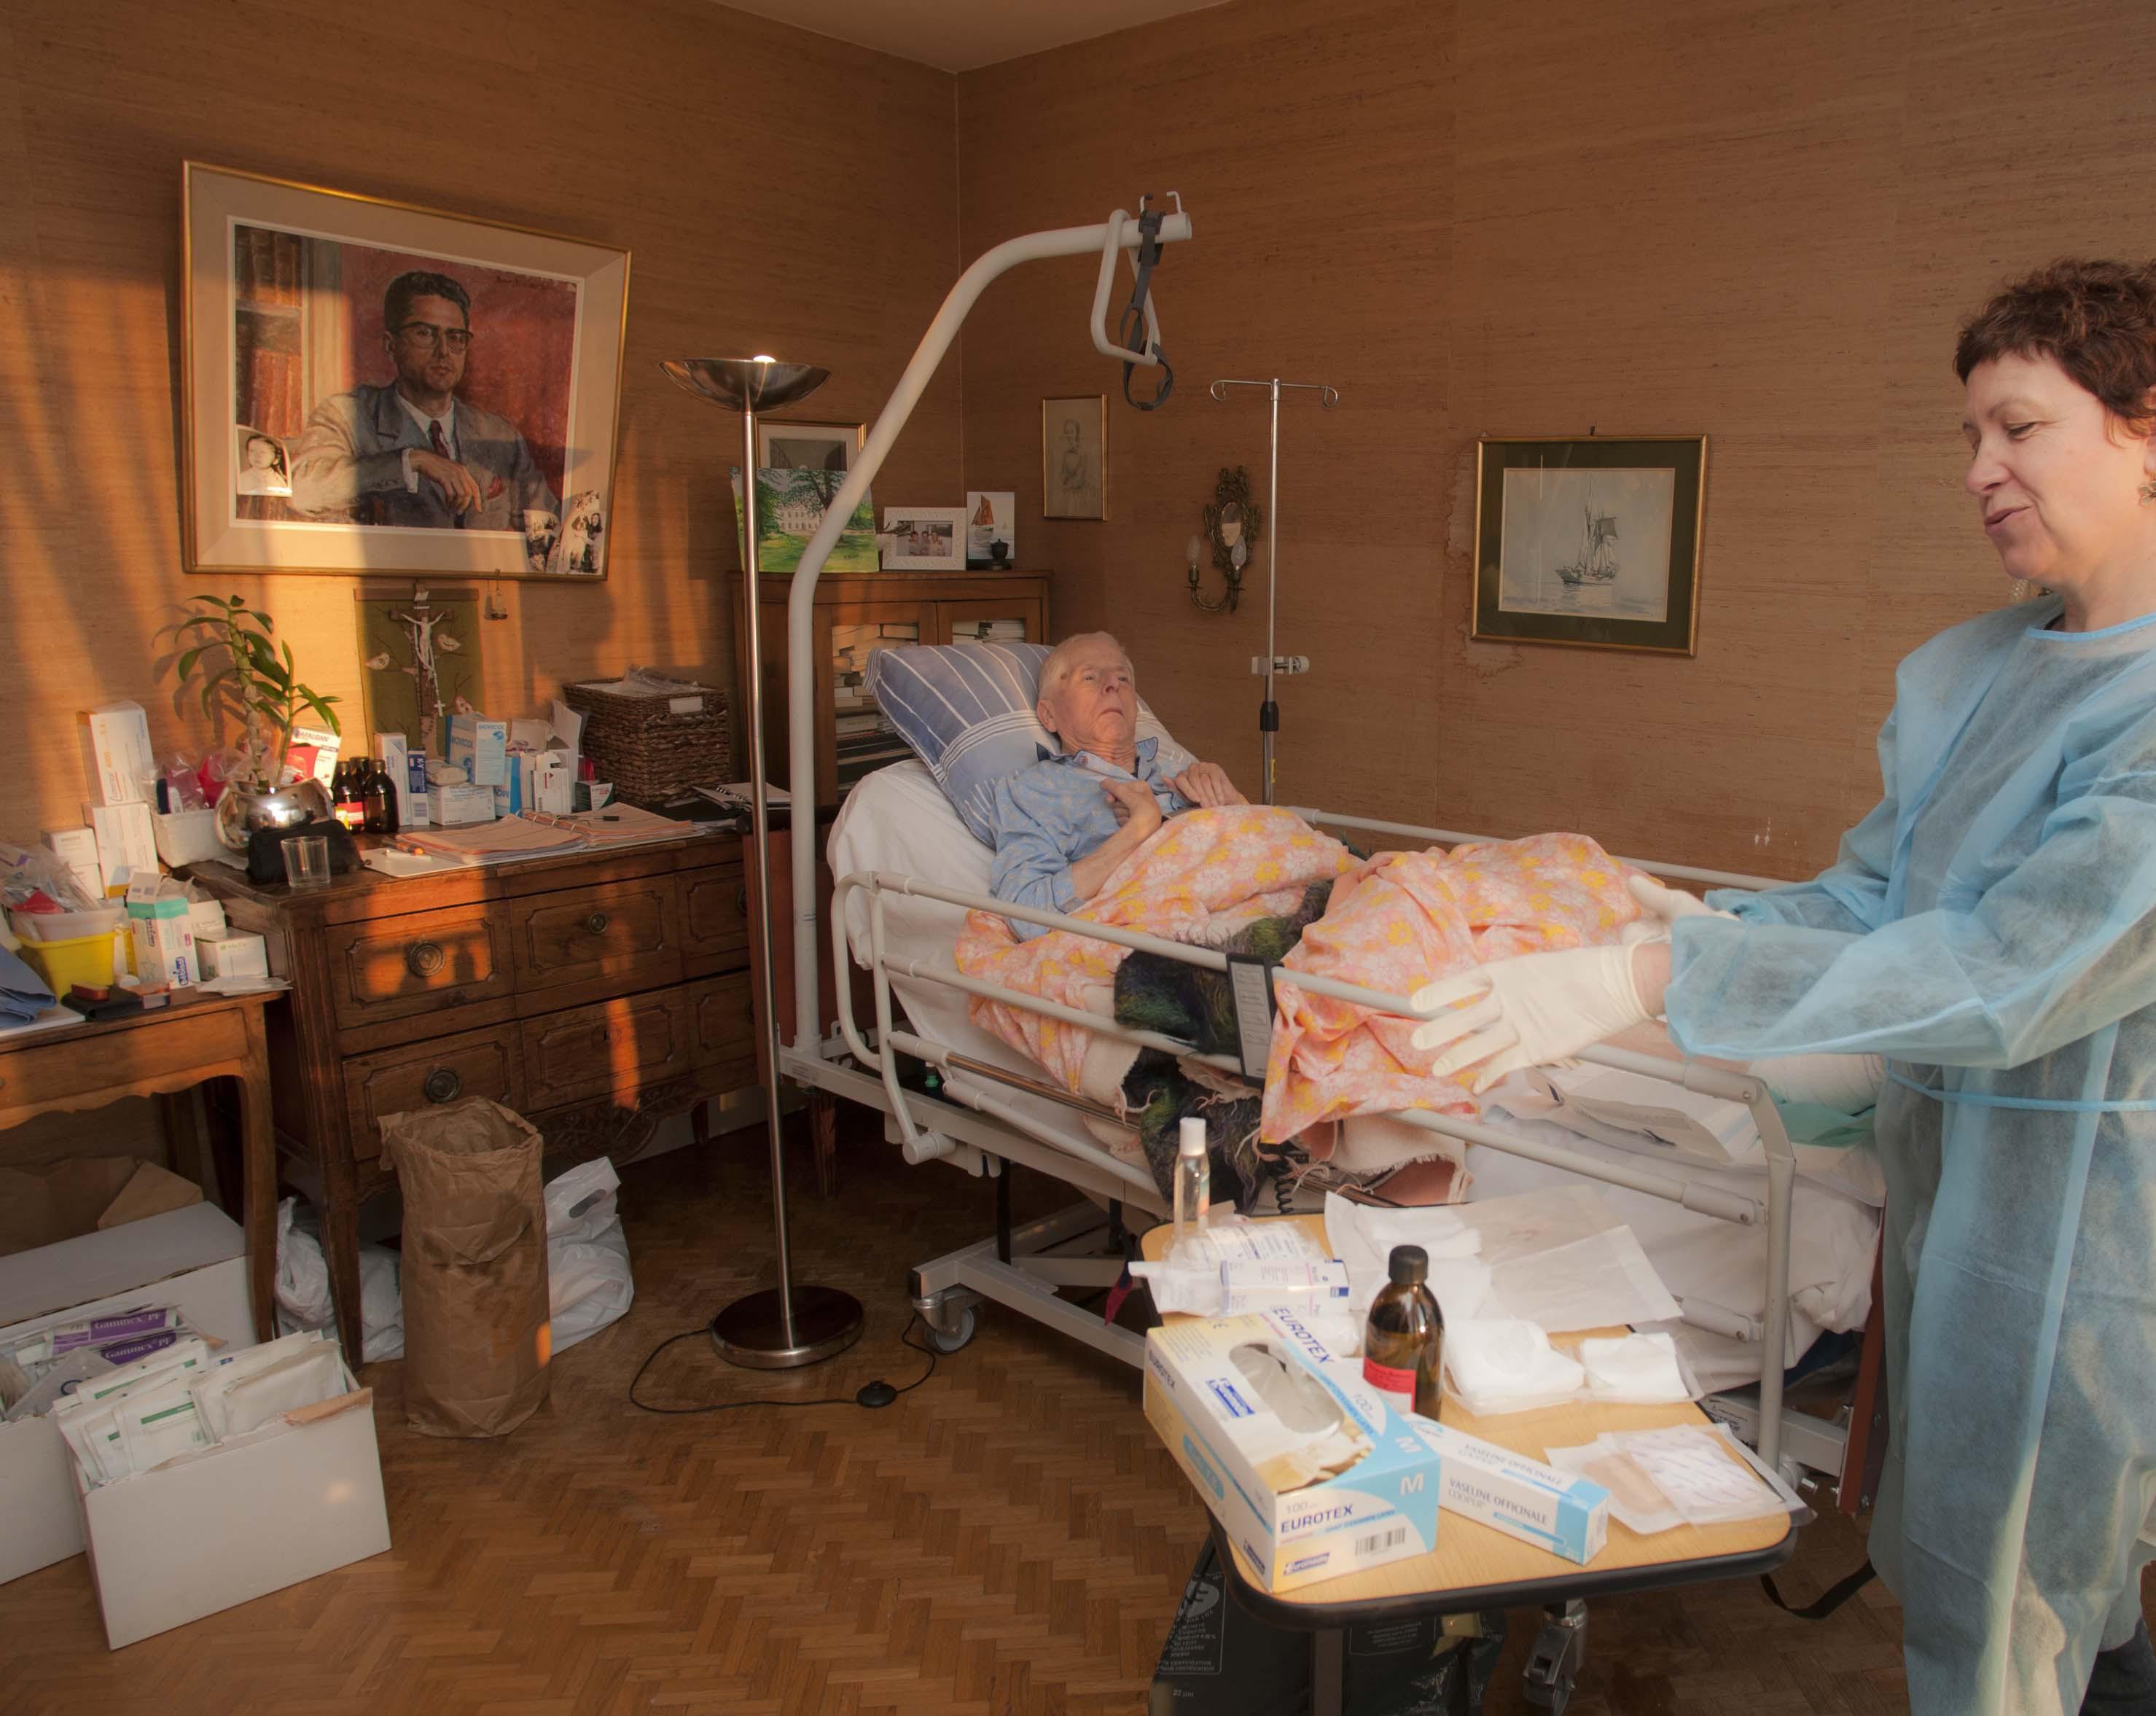 APHP – Hôpitaux de paris